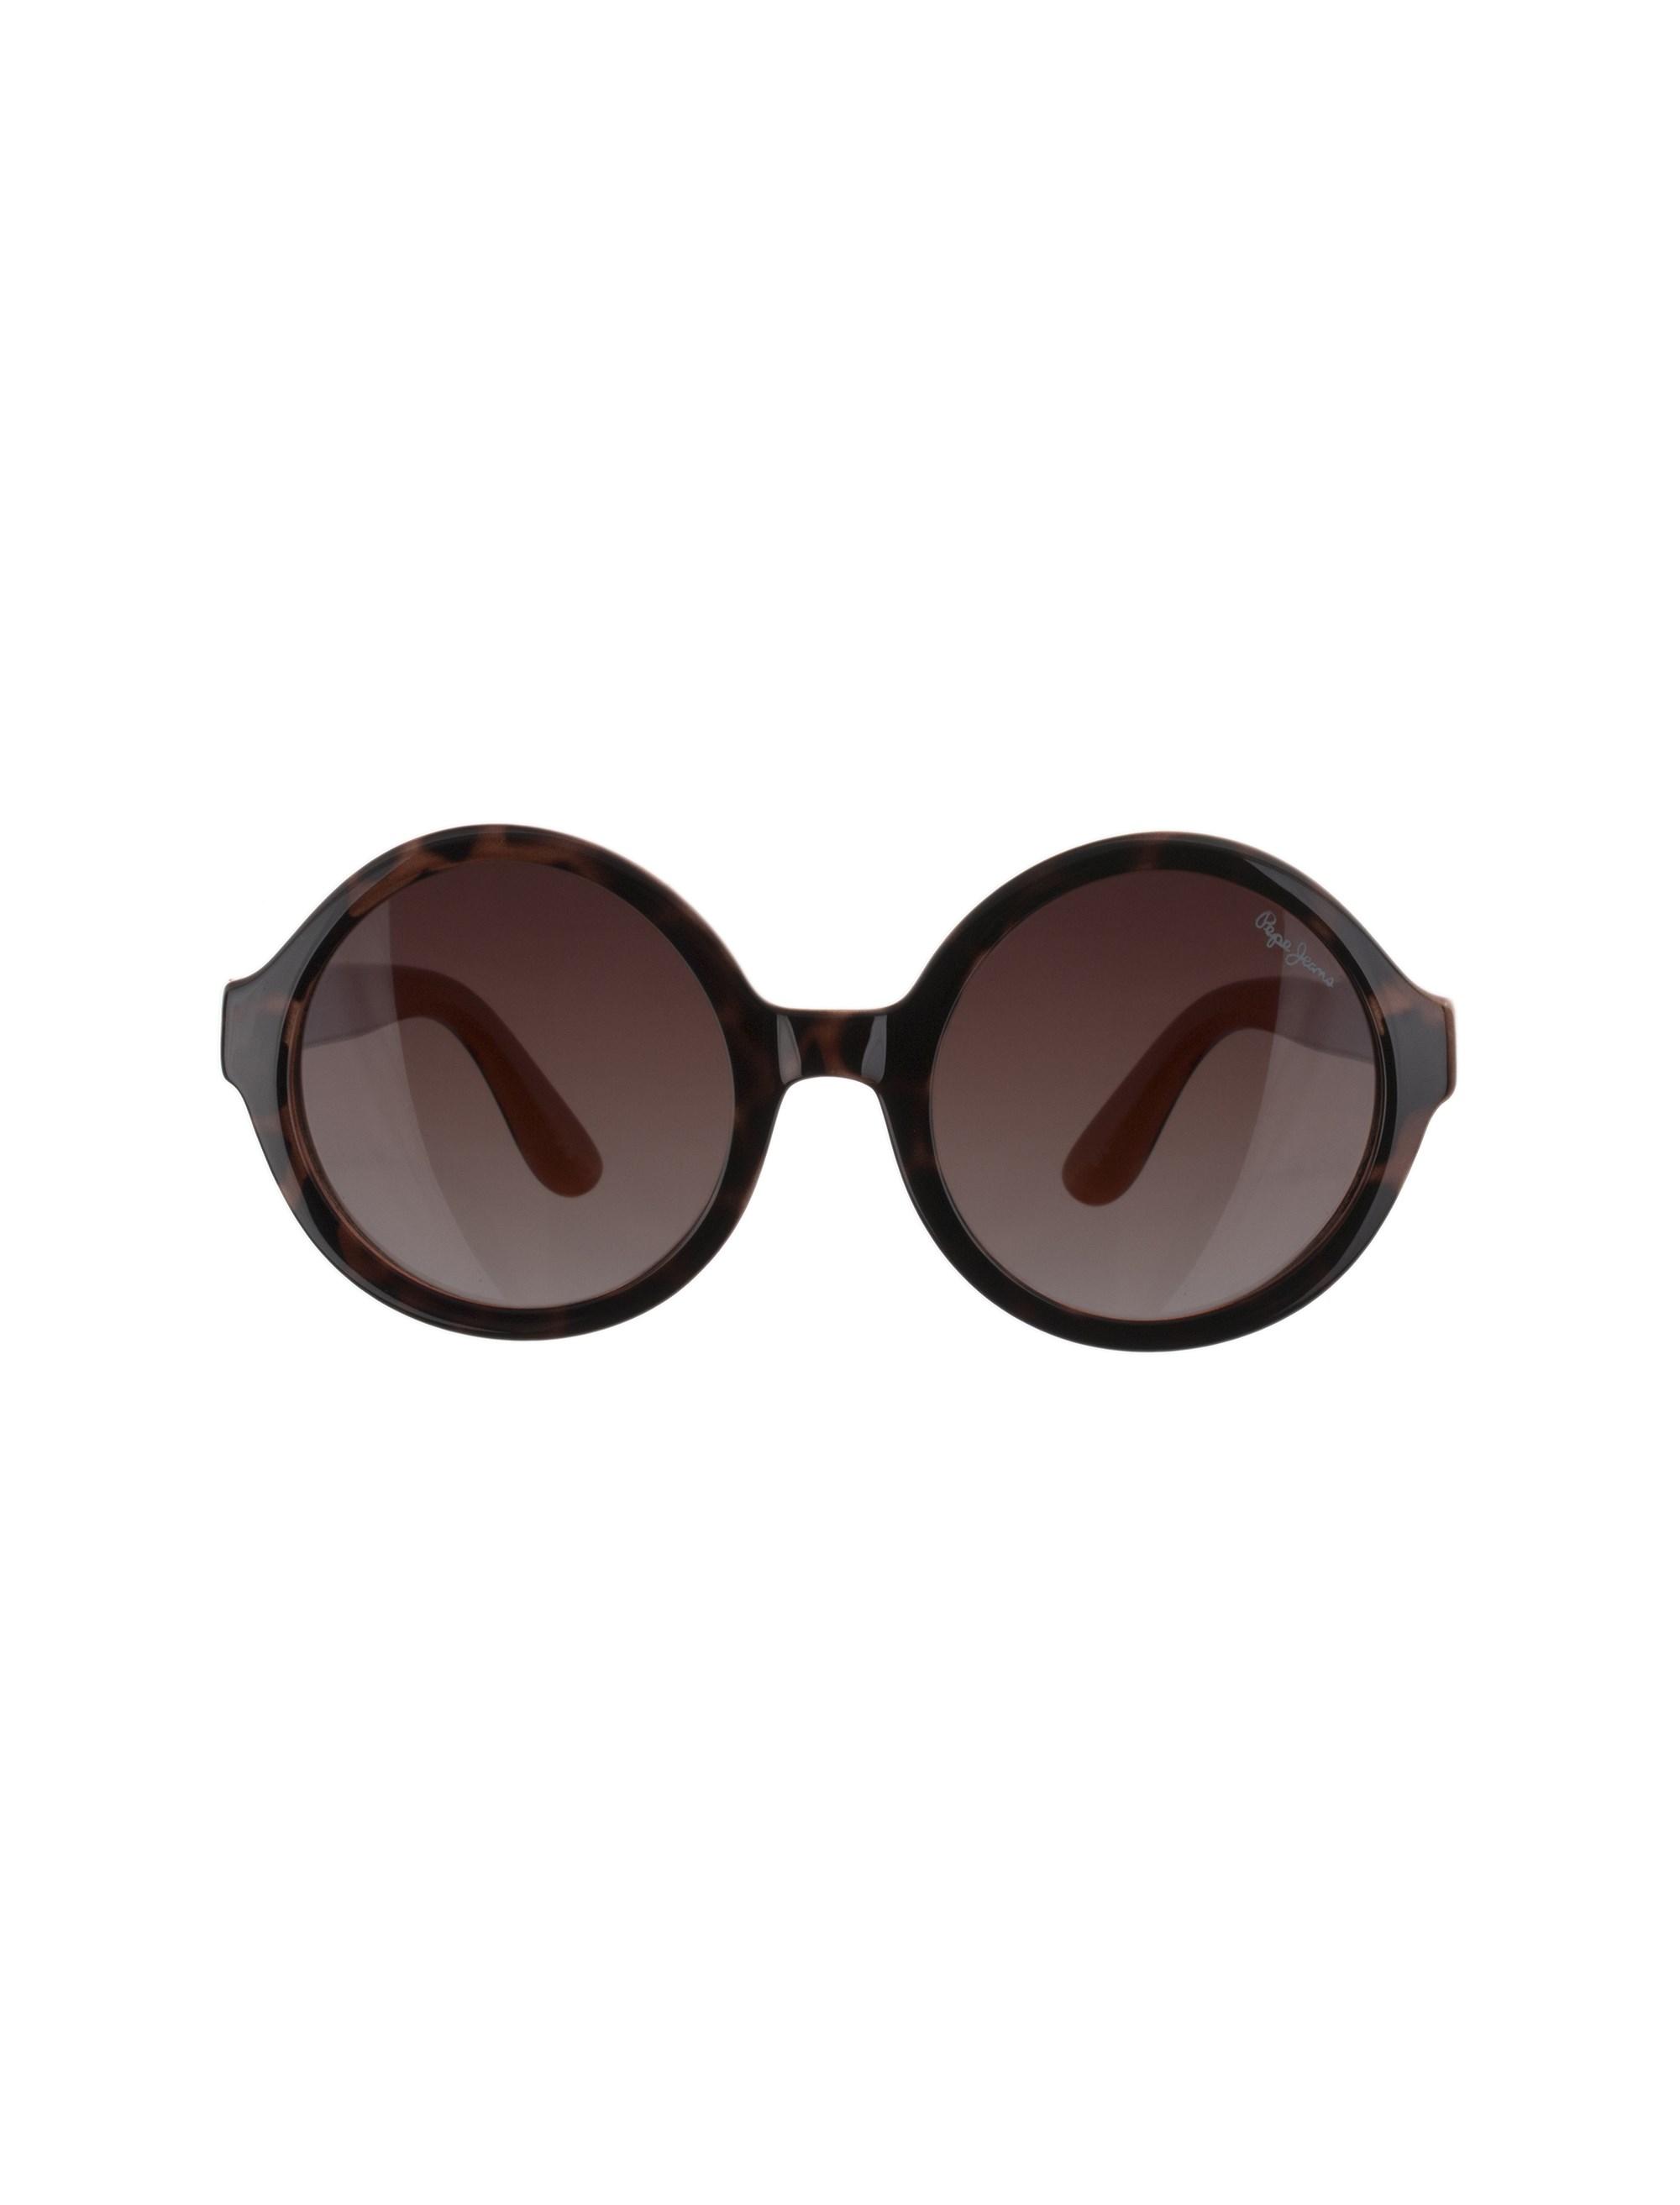 عینک آفتابی گرد دخترانه - قهوه اي  - 1